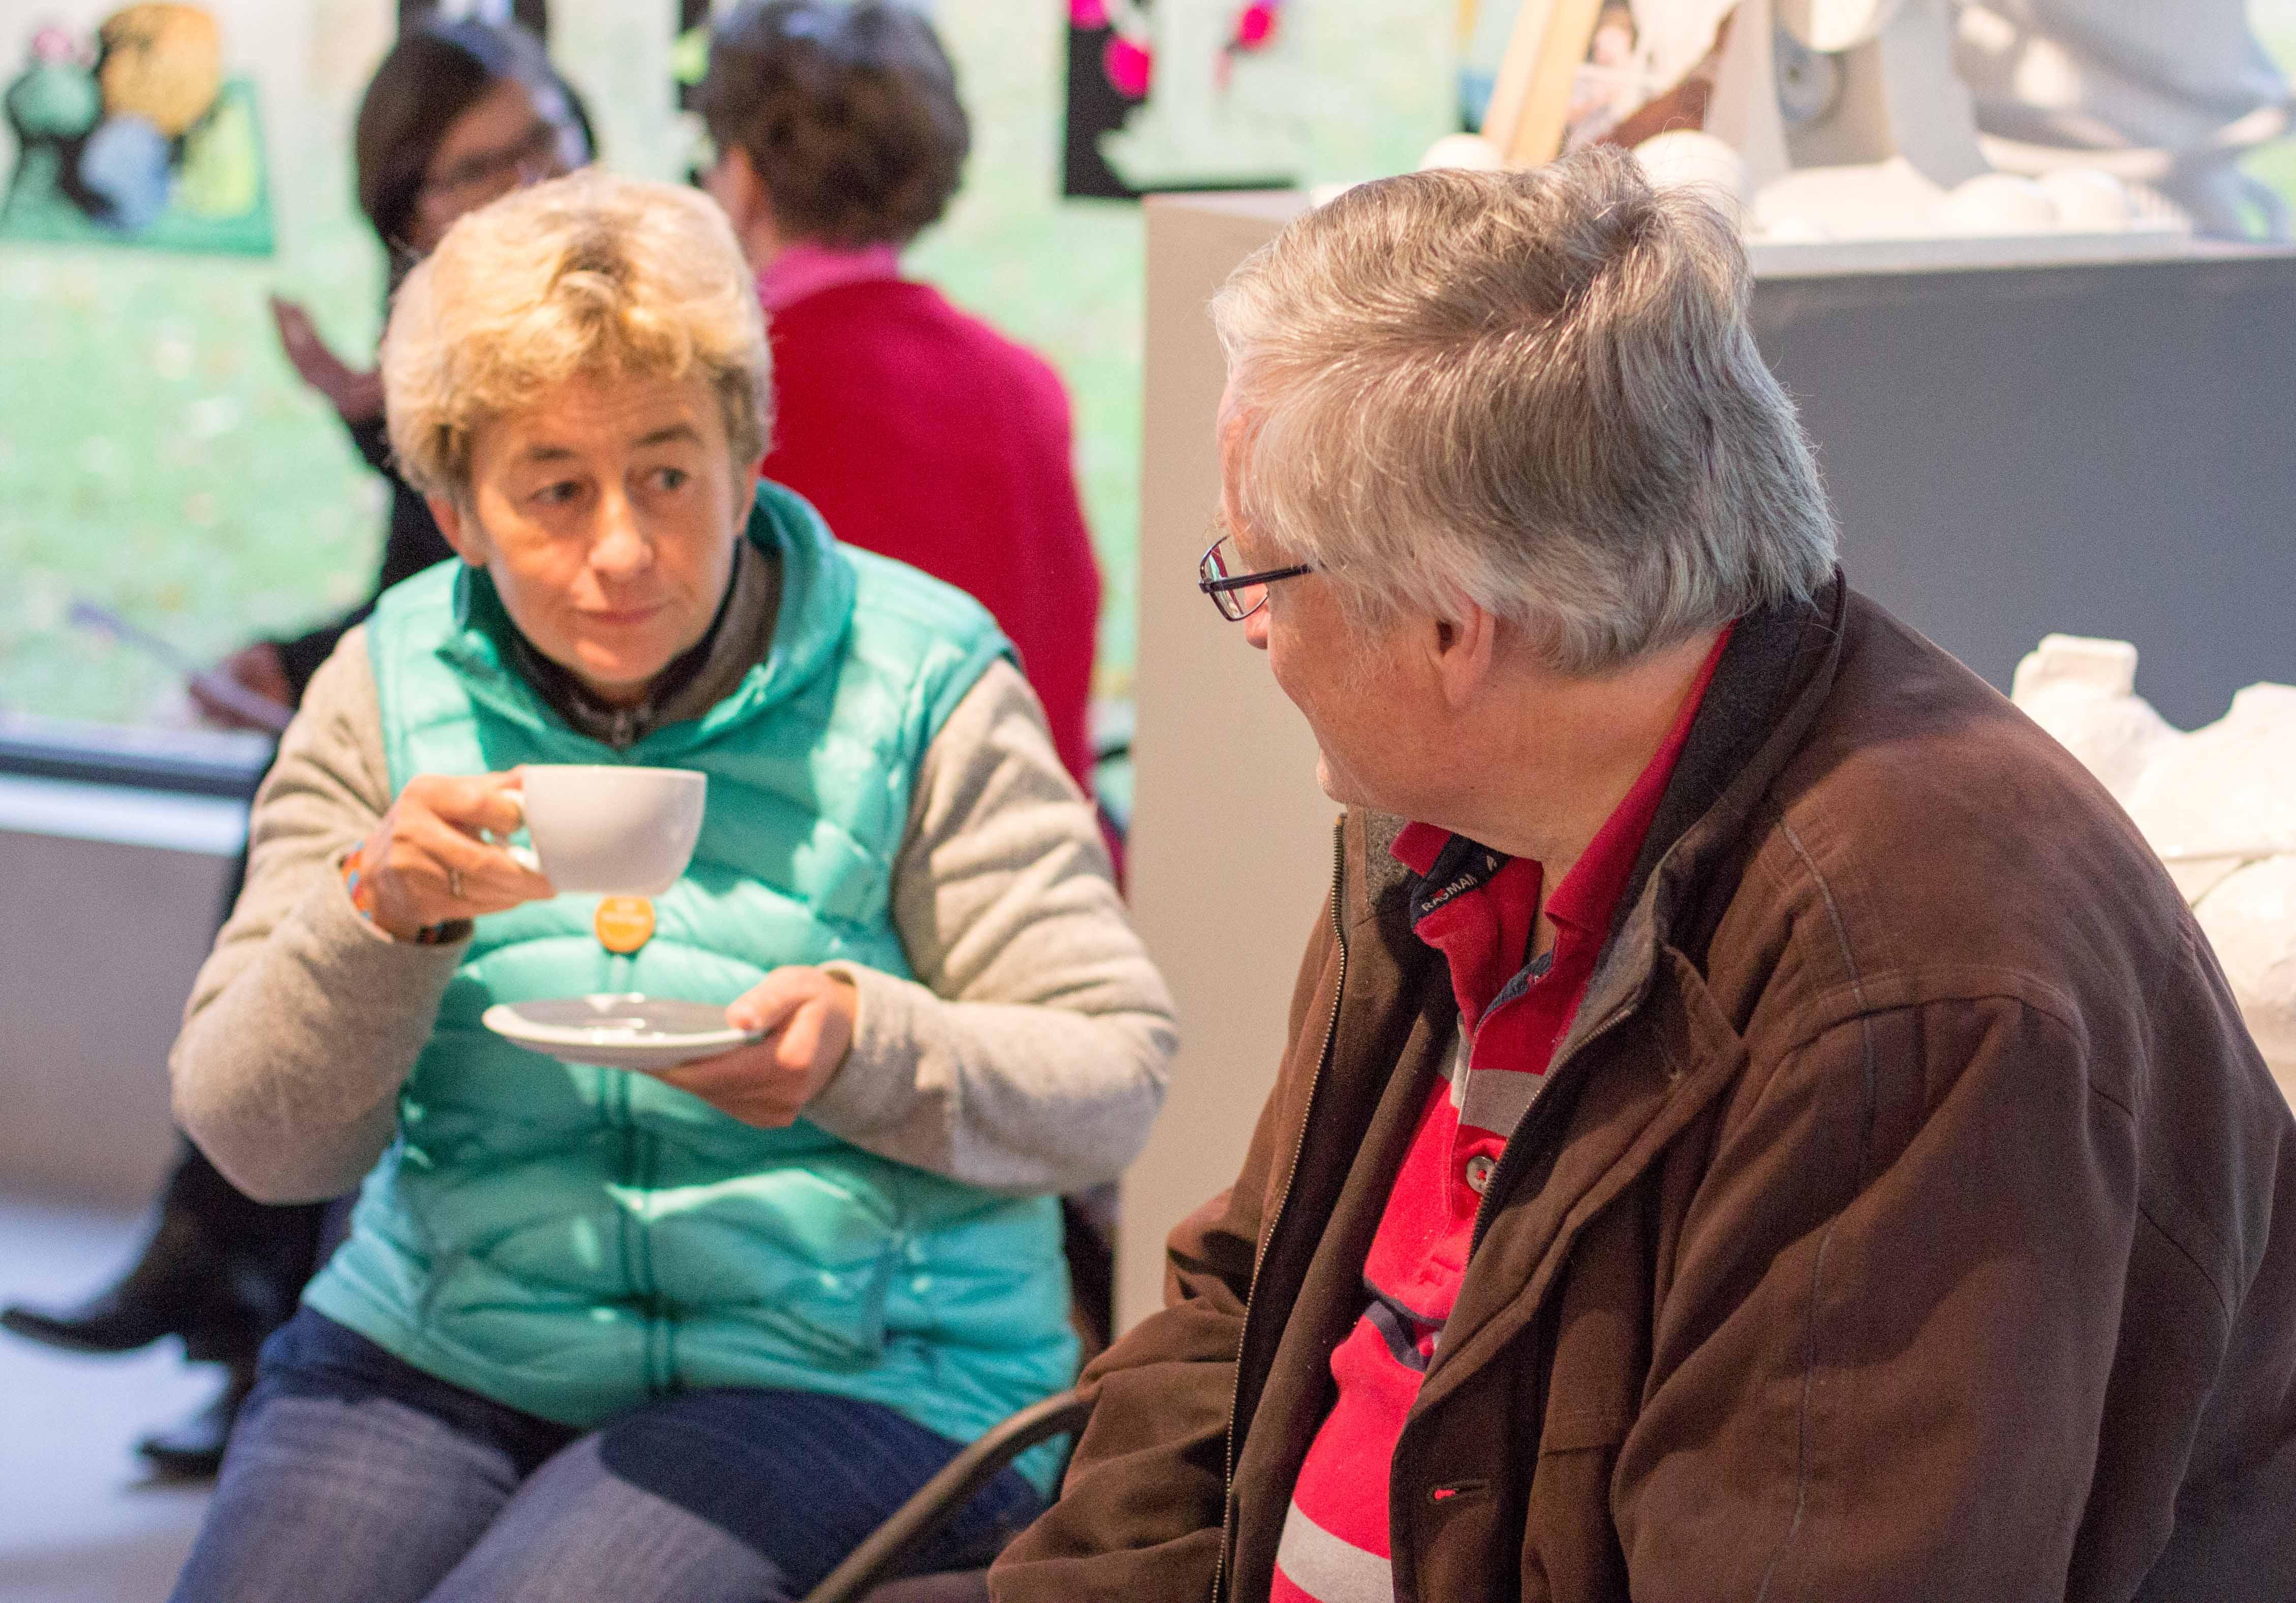 Blanca Thurian und René Mathys dichten bei Kaffee und Kuchen an ihrer Geschichte.